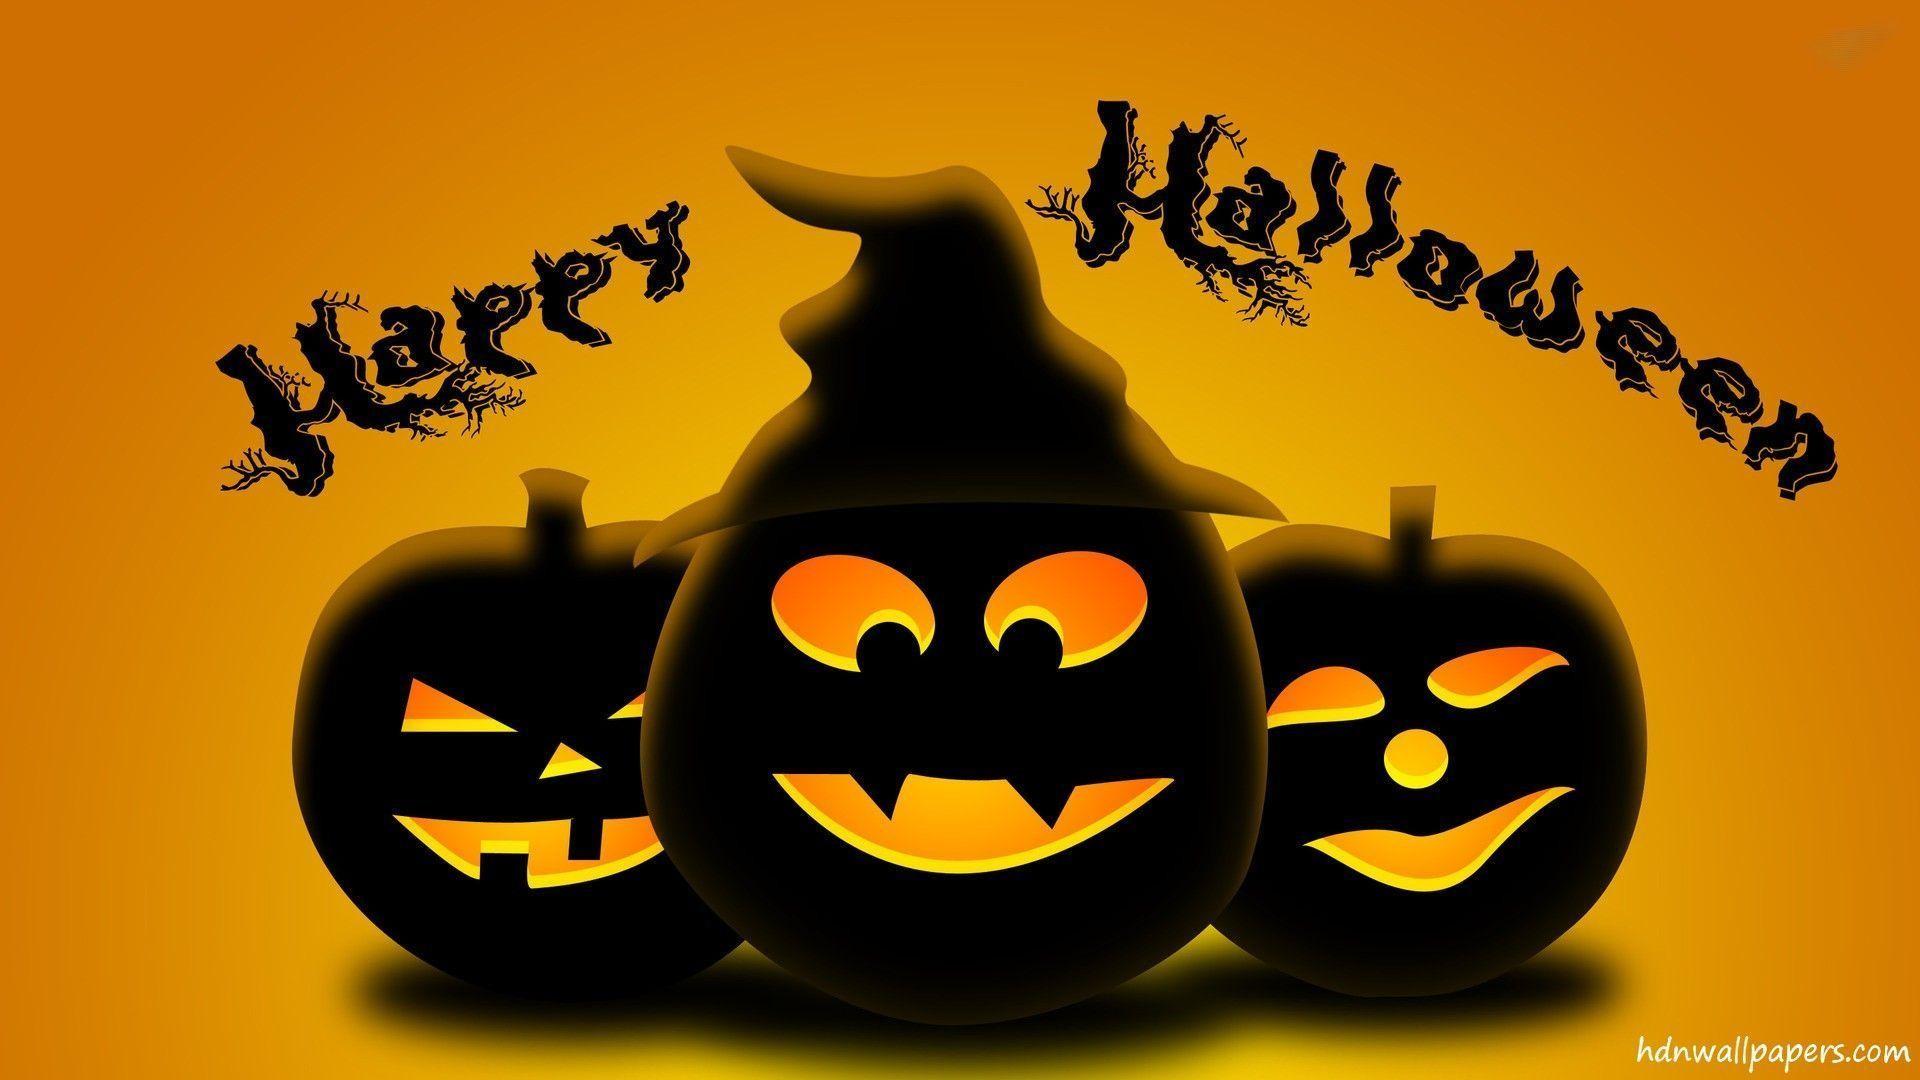 Smart Girl Wallpaper Free Download Happy Halloween Desktop Wallpaper 71 Images